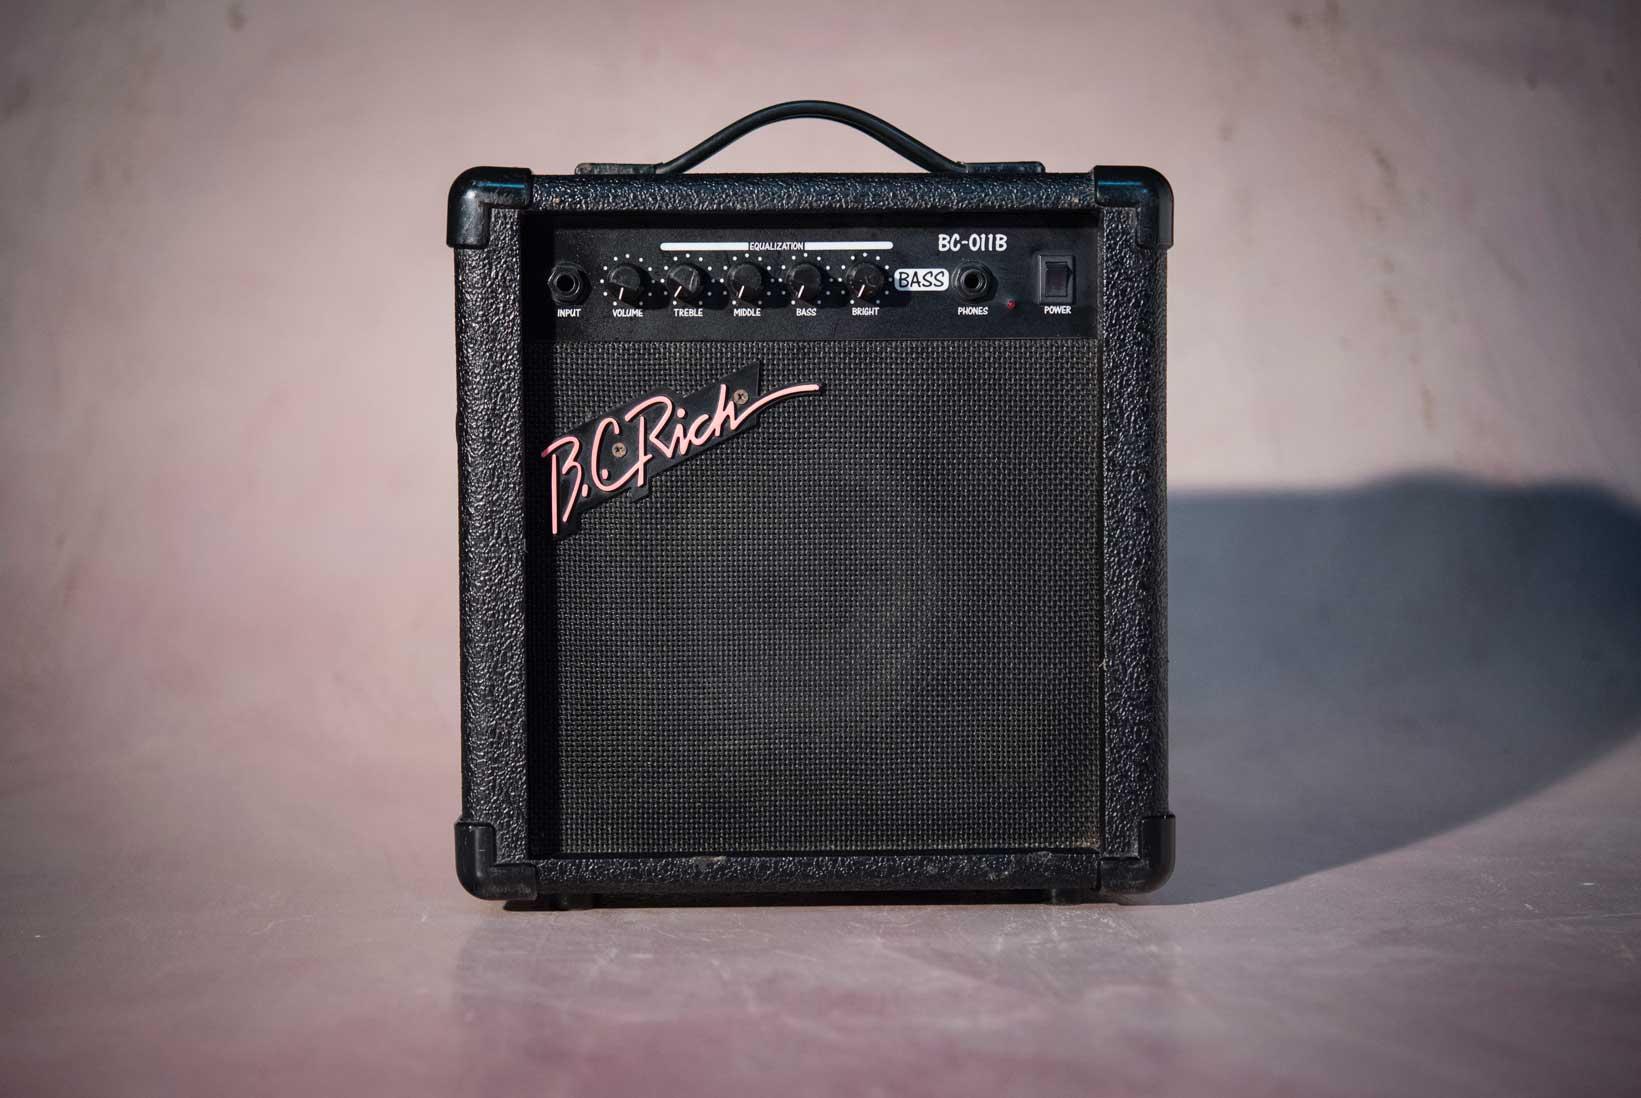 แอมป์ Bass ไฟฟ้ามือสอง B.C.Rich BC-011B No.2